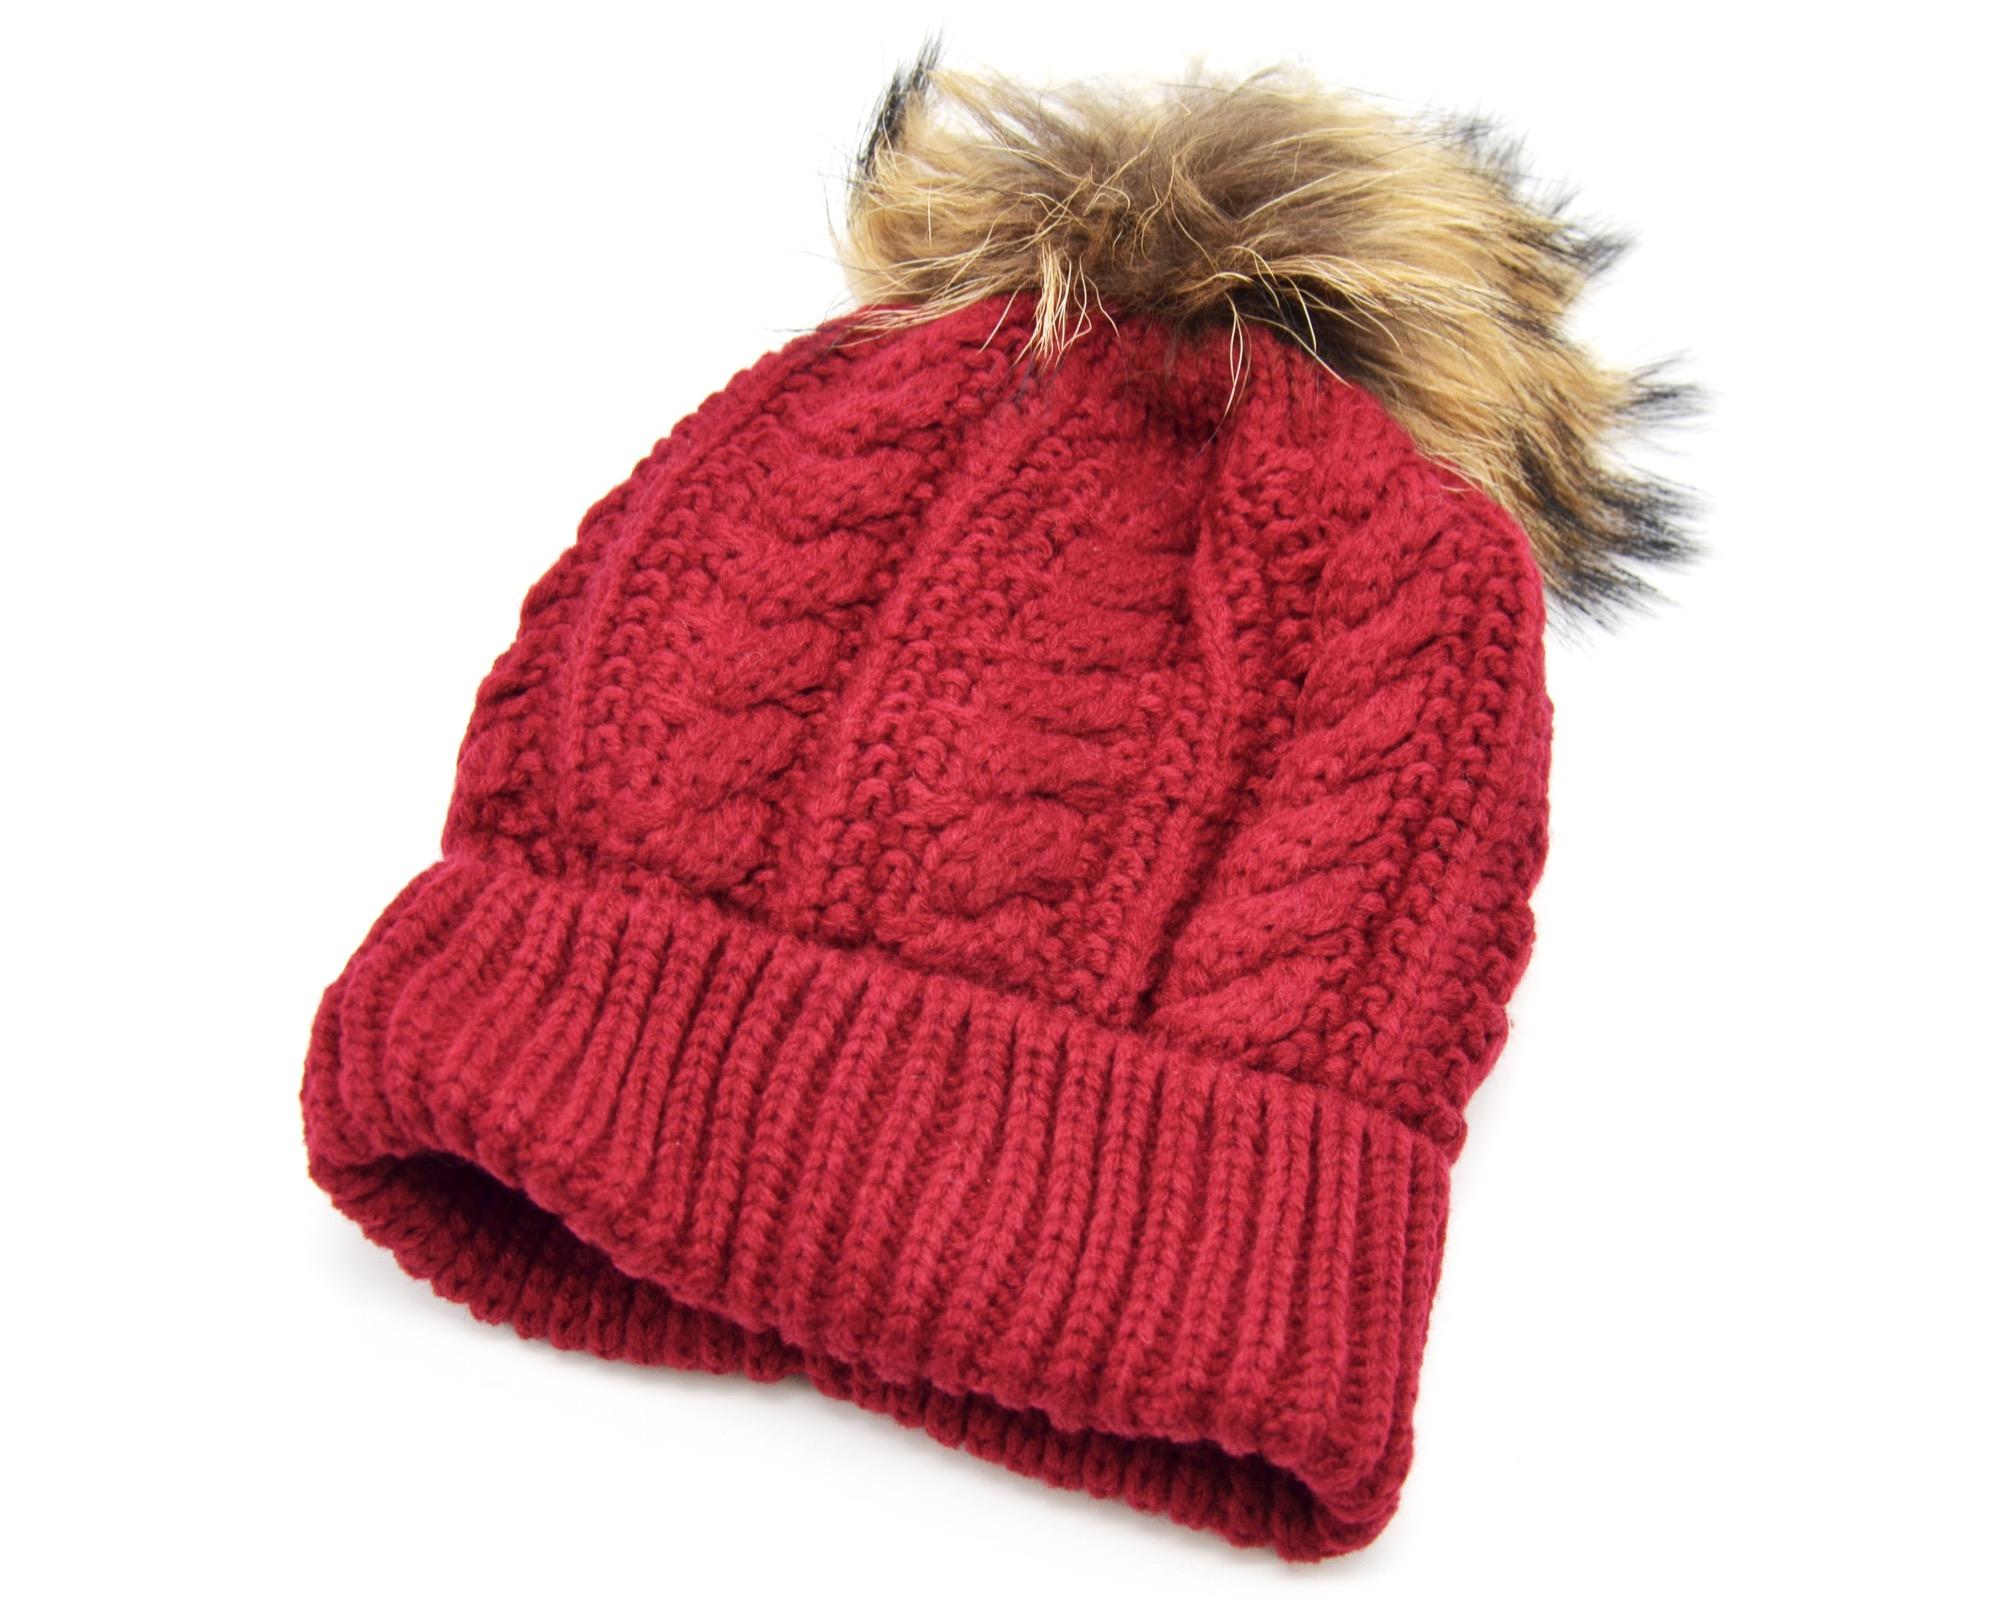 pbn03 bonnet hiver maille effet crois avec revers int rieur polaire et pompon fourrure beige. Black Bedroom Furniture Sets. Home Design Ideas